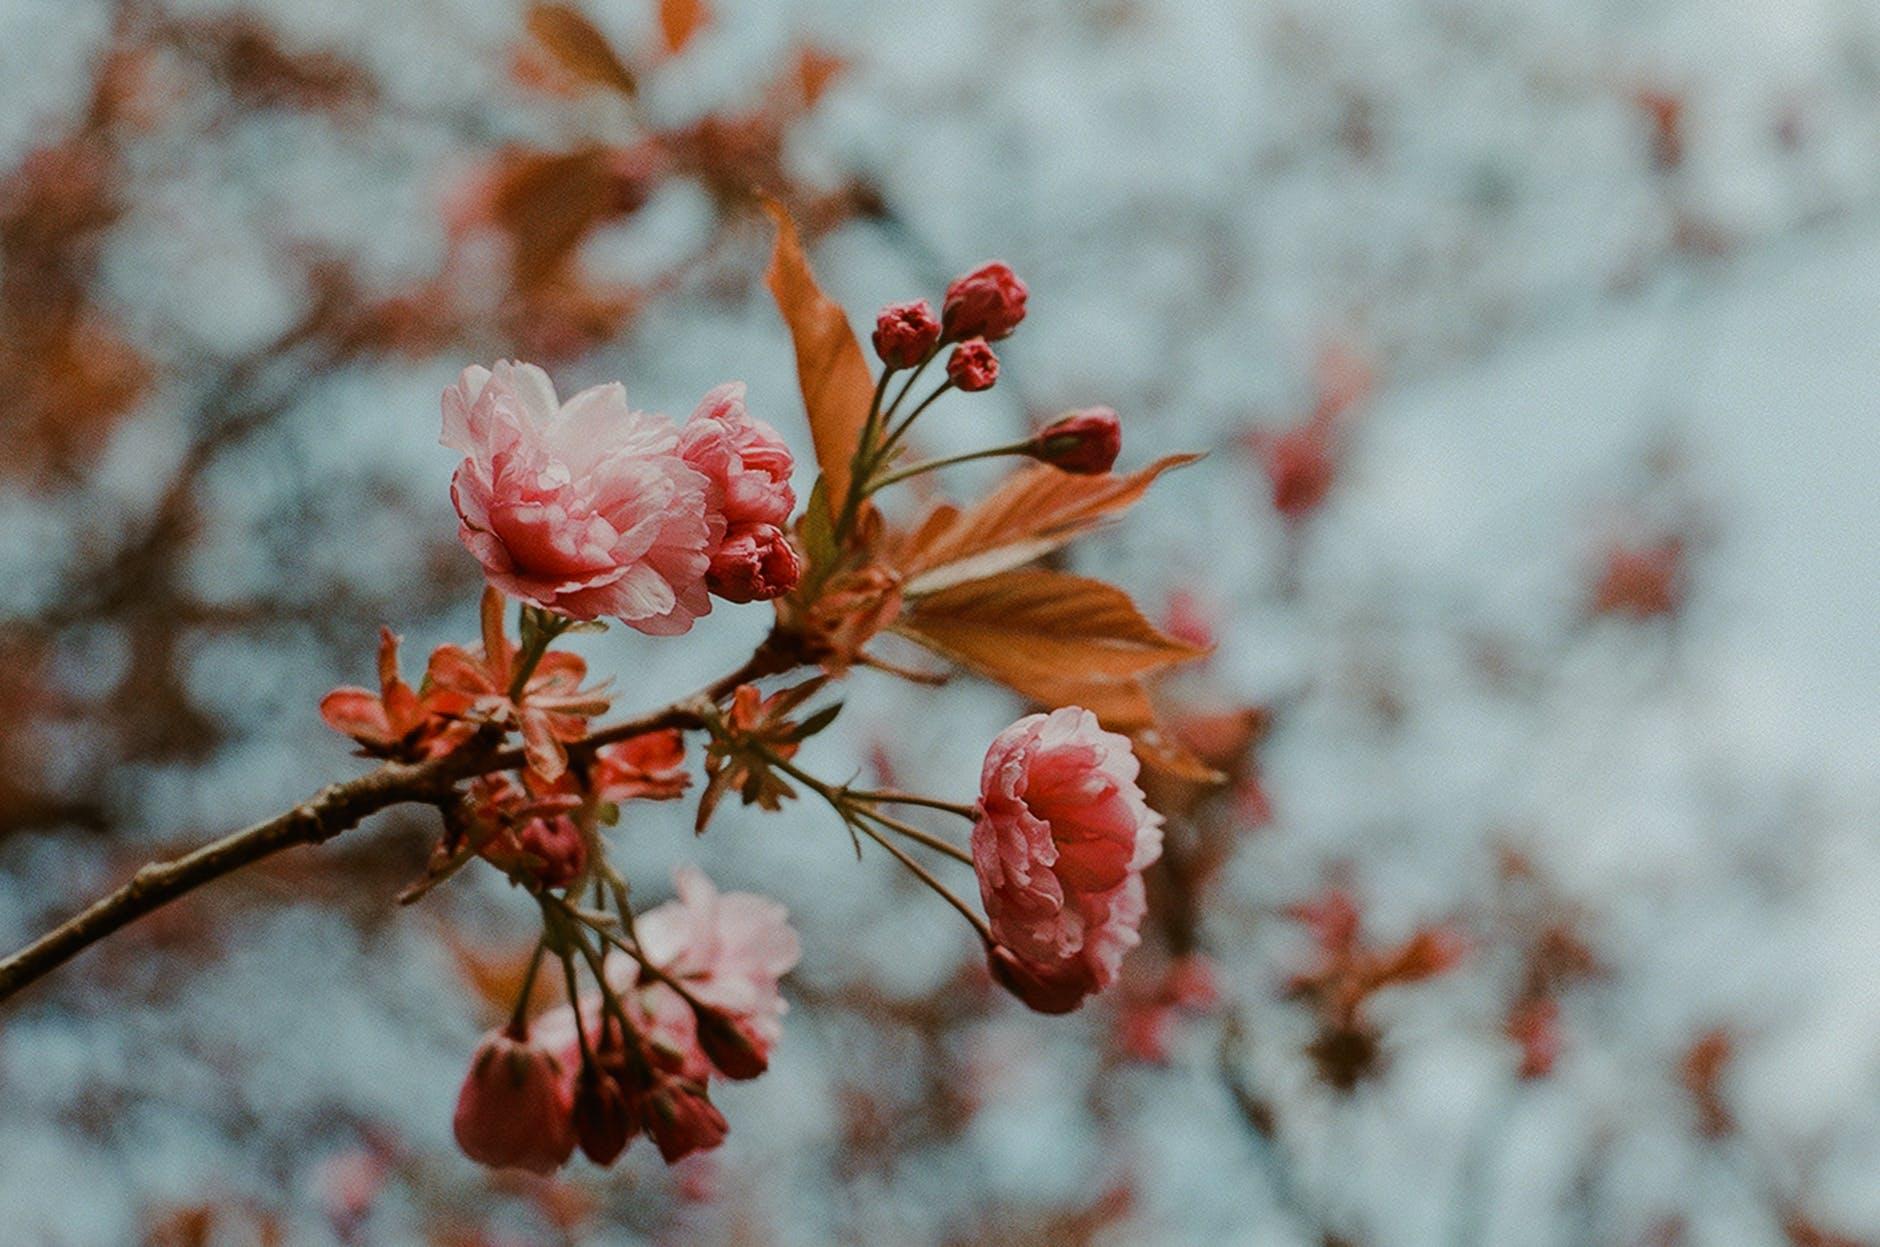 pink petaled flower in bloom